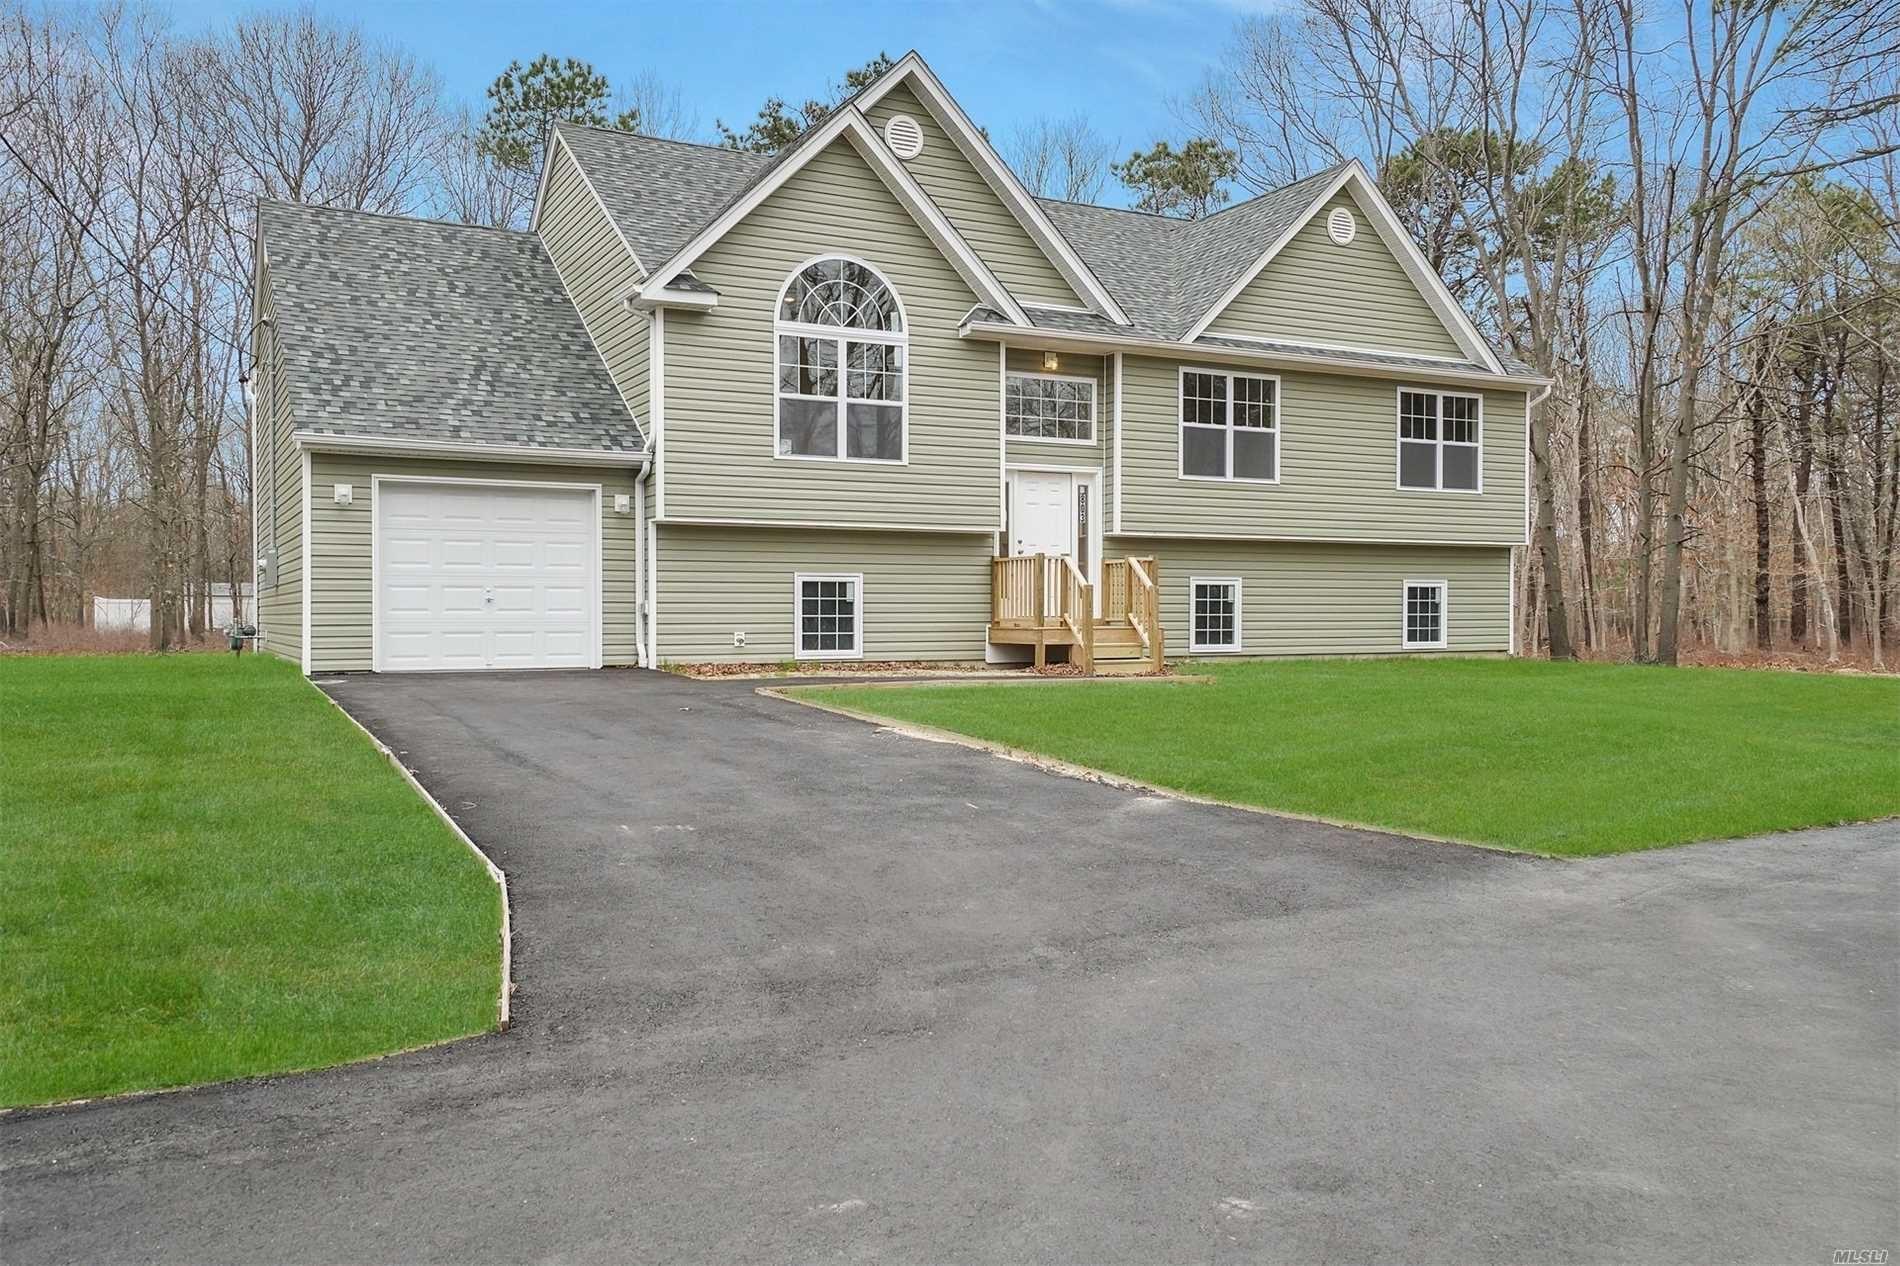 Lot 2 Blue Point Road, Farmingville, NY 11738 - MLS#: 3109508